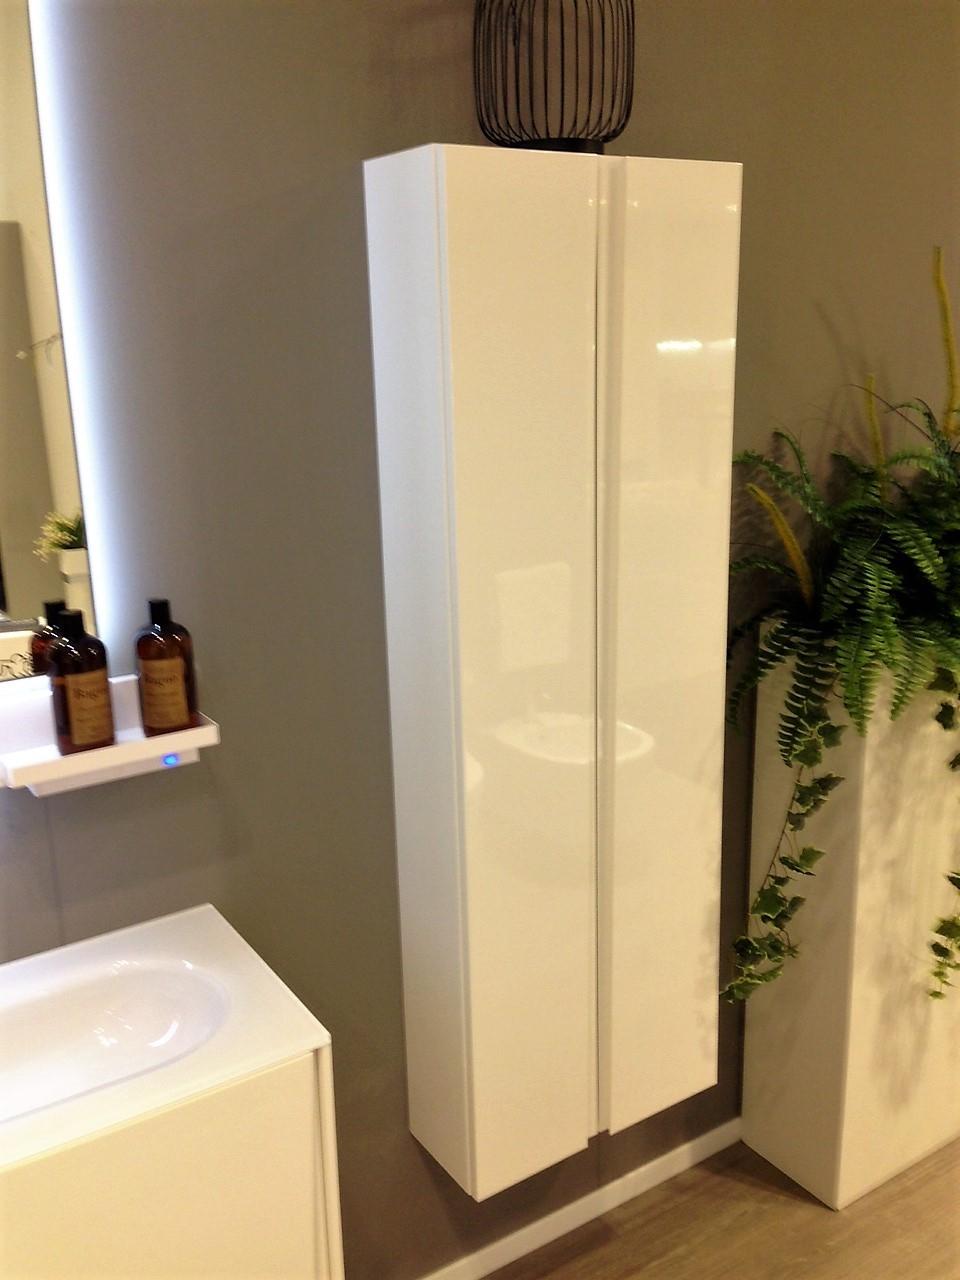 Scavolini bathrooms lagu scontato del 46 arredo bagno for Arredo bagno scavolini prezzi